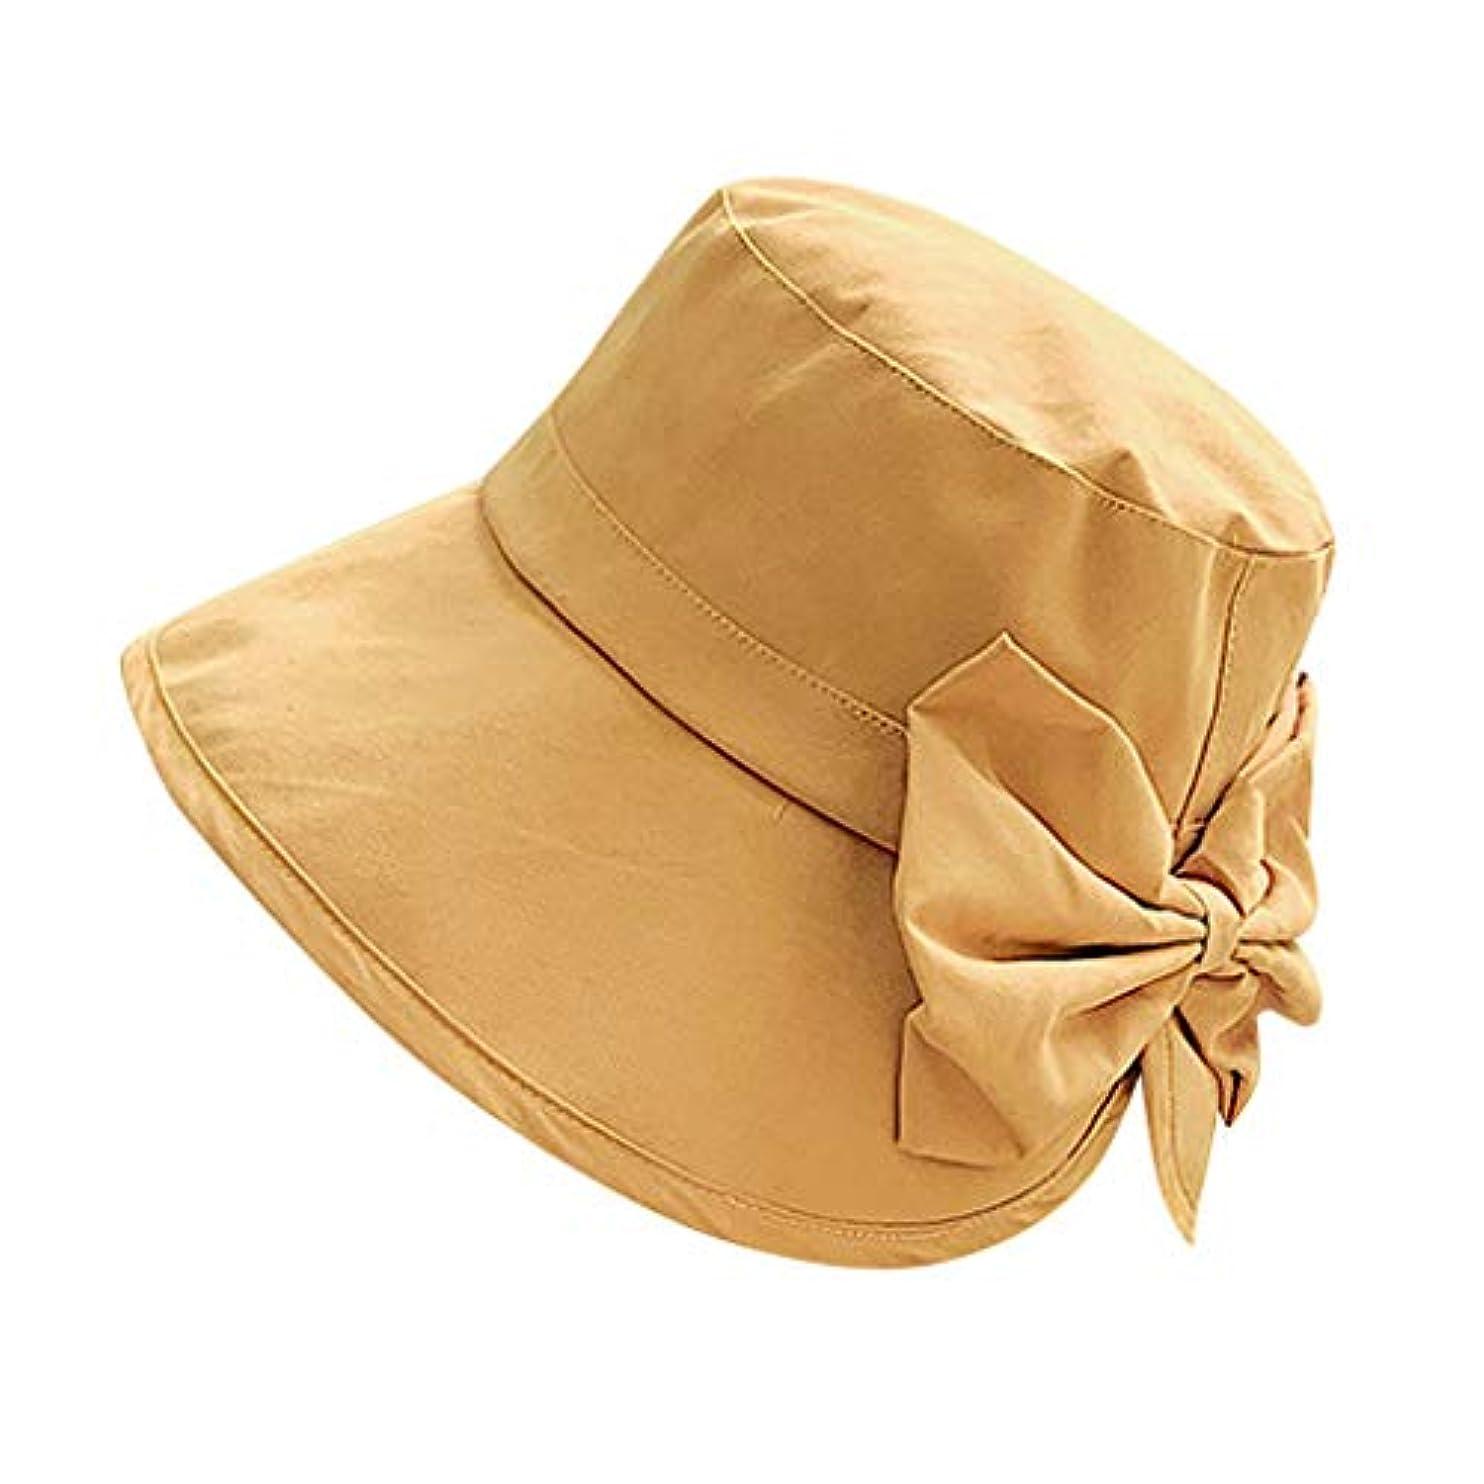 飼いならす危険揃える女性 帽子 レディース UVカット ハット女の子 つば広い 漁師帽 女優帽 小顔効果 紫外線 対策 レディース 蝶結び UV 加工 リボン ハット ビーチ 日よけ テント ビーチサンダル ベレー帽 ROSE ROMAN